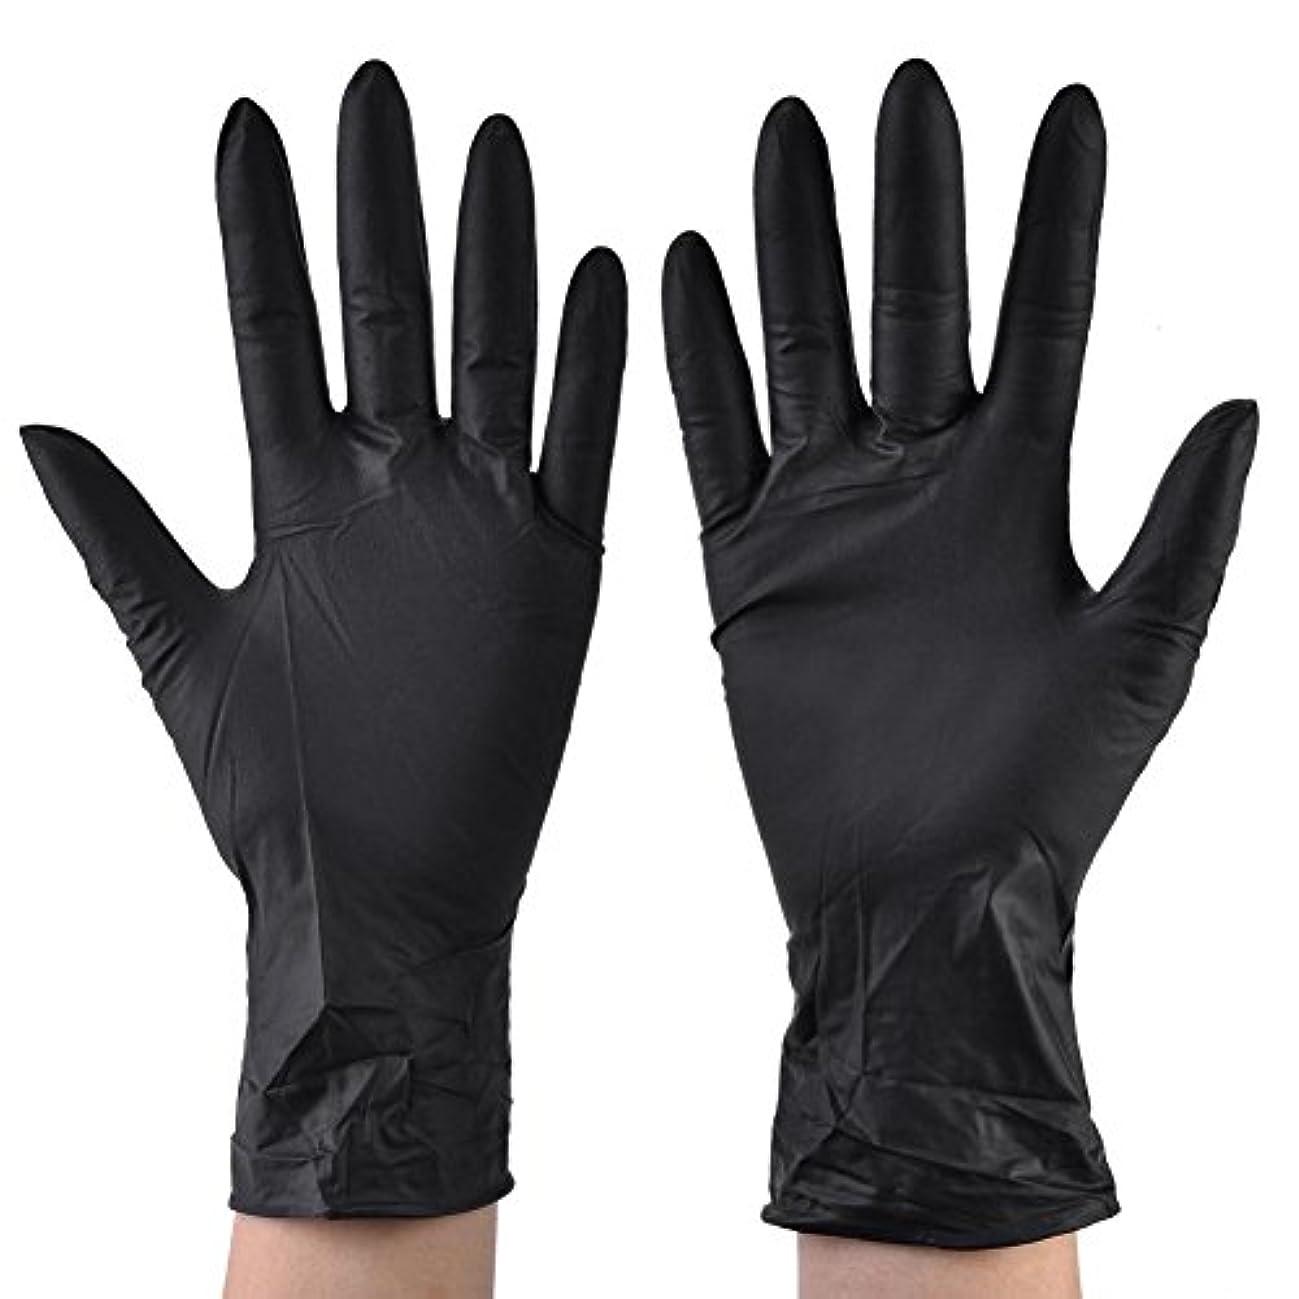 くびれた霧素晴らしさ使い捨て手袋 ニトリルグローブ ホワイト 粉なし 工業用/医療用/理美容用/レストラン用 M/L選択可 100枚 左右兼用 作業手袋(M)